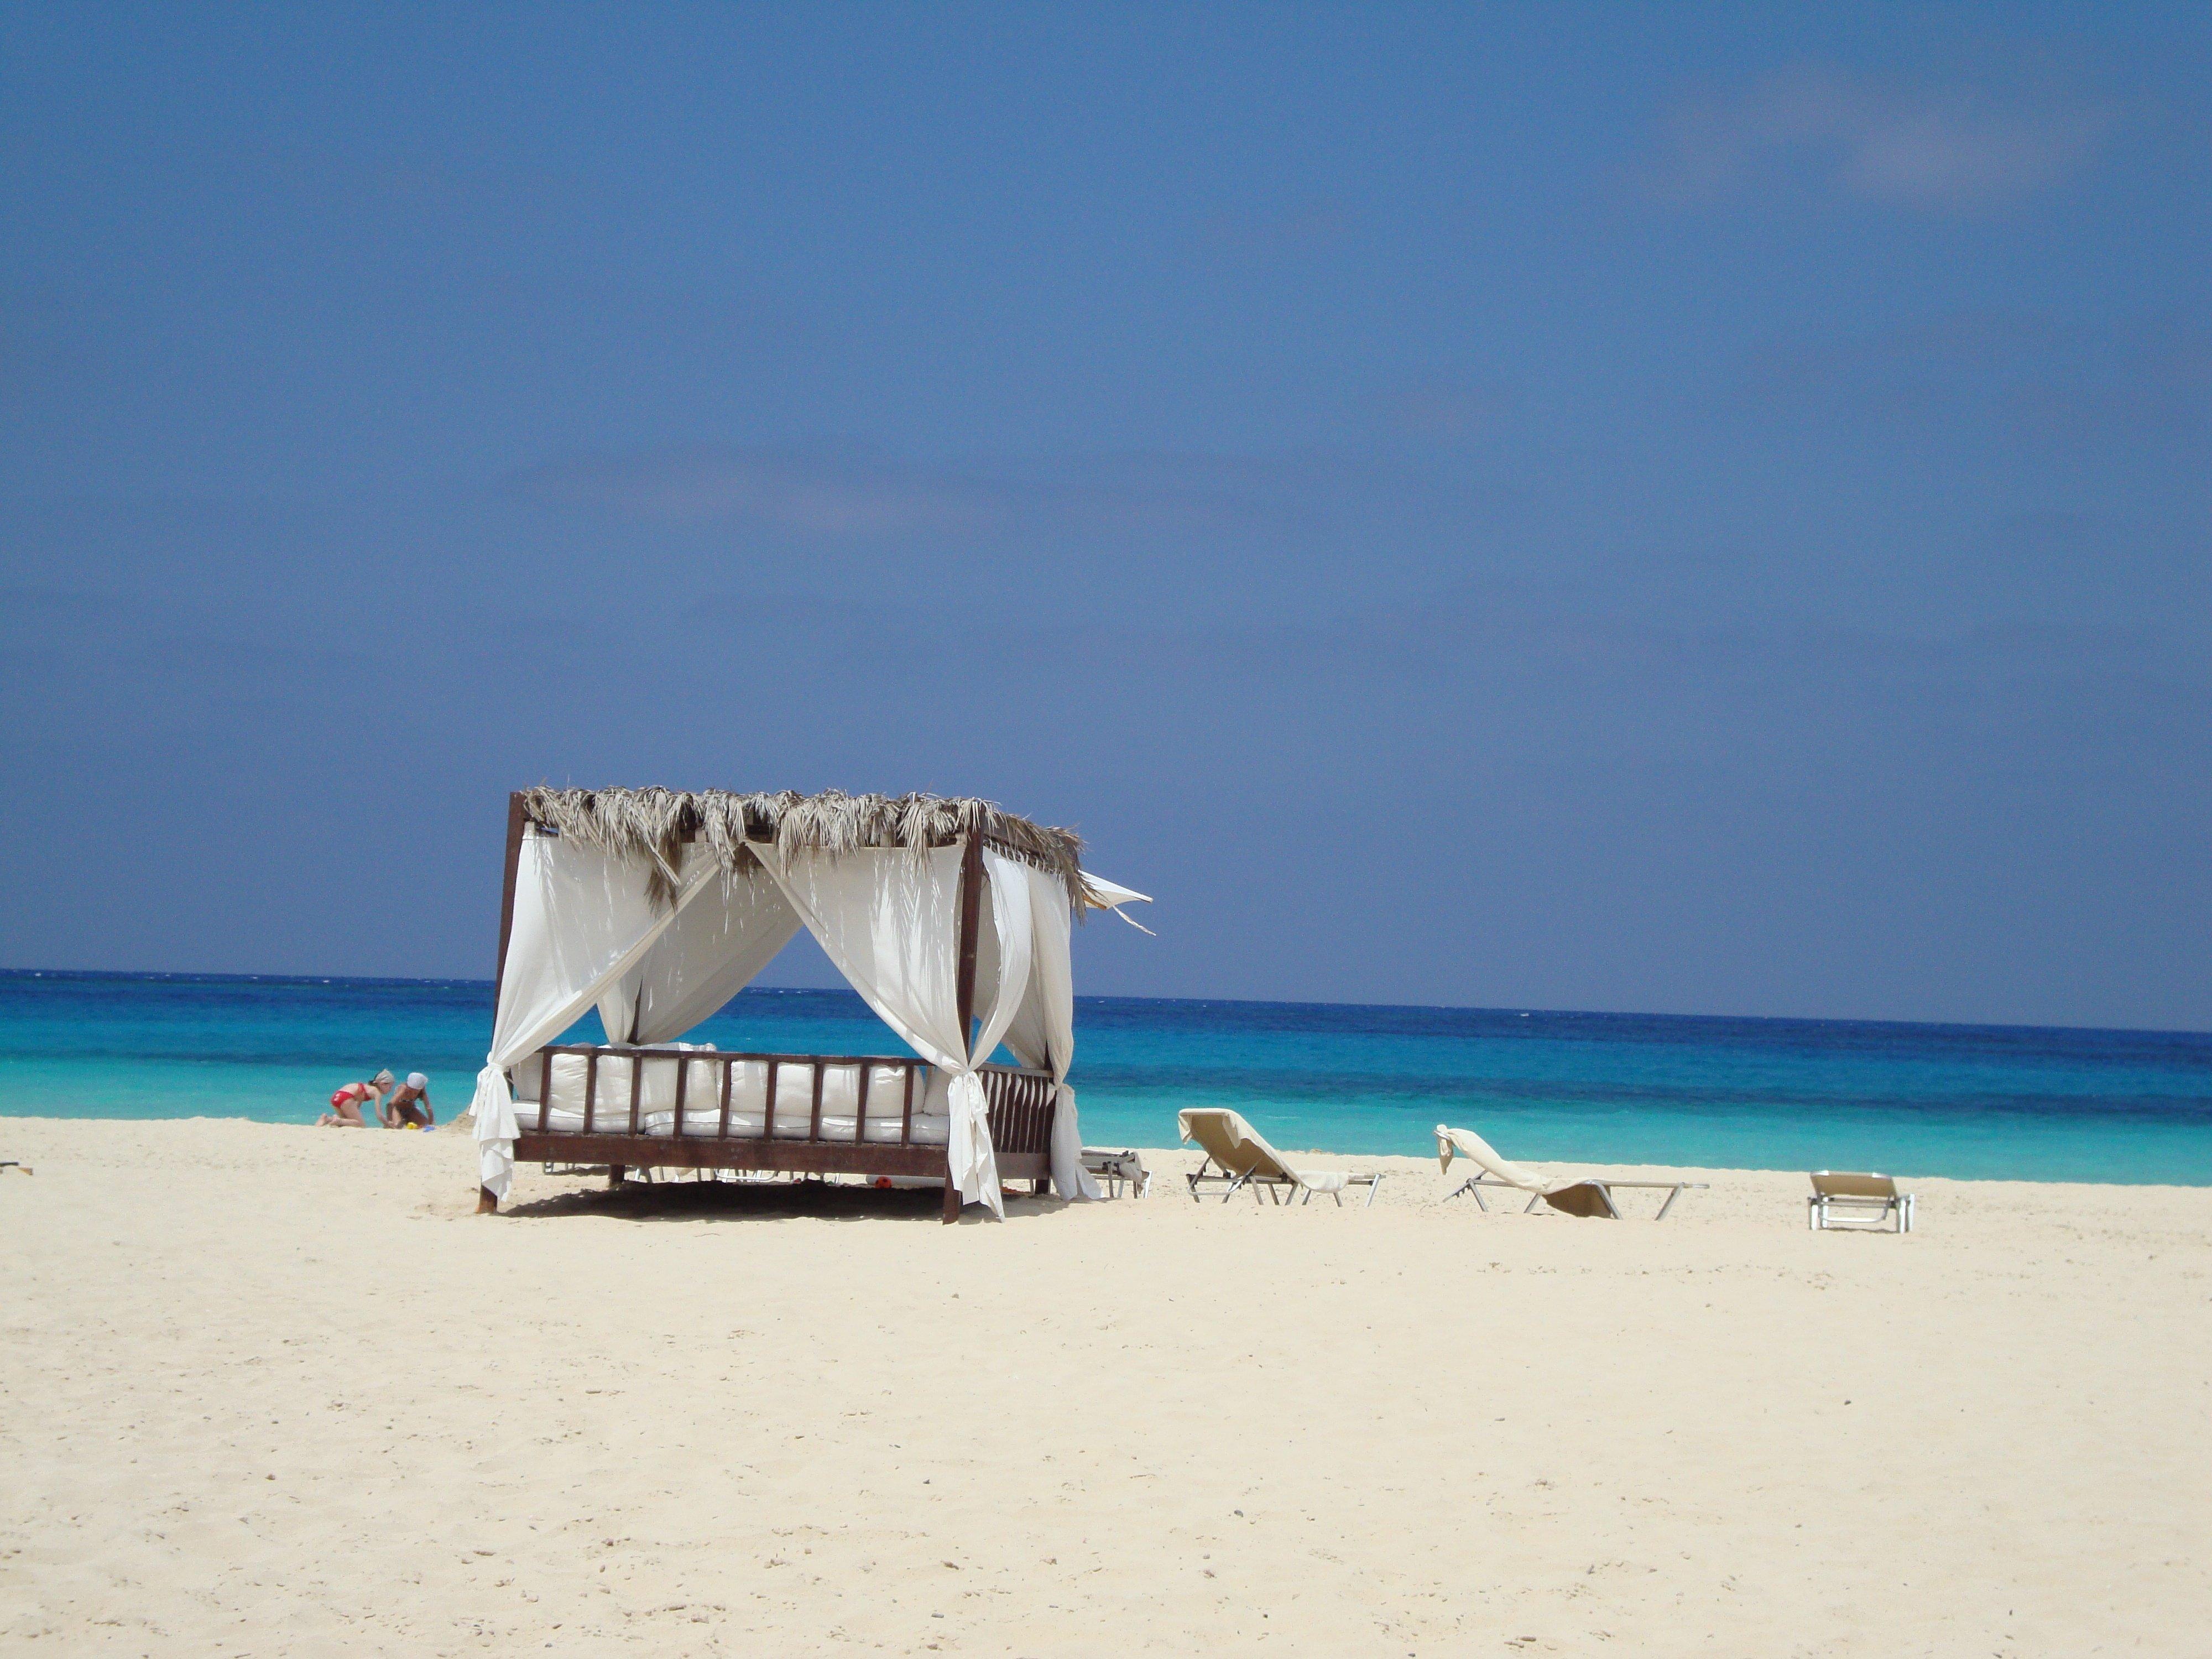 Hai visto? Suggerimenti e consigli per le vacanze: Marsa Matrouh in Egitto